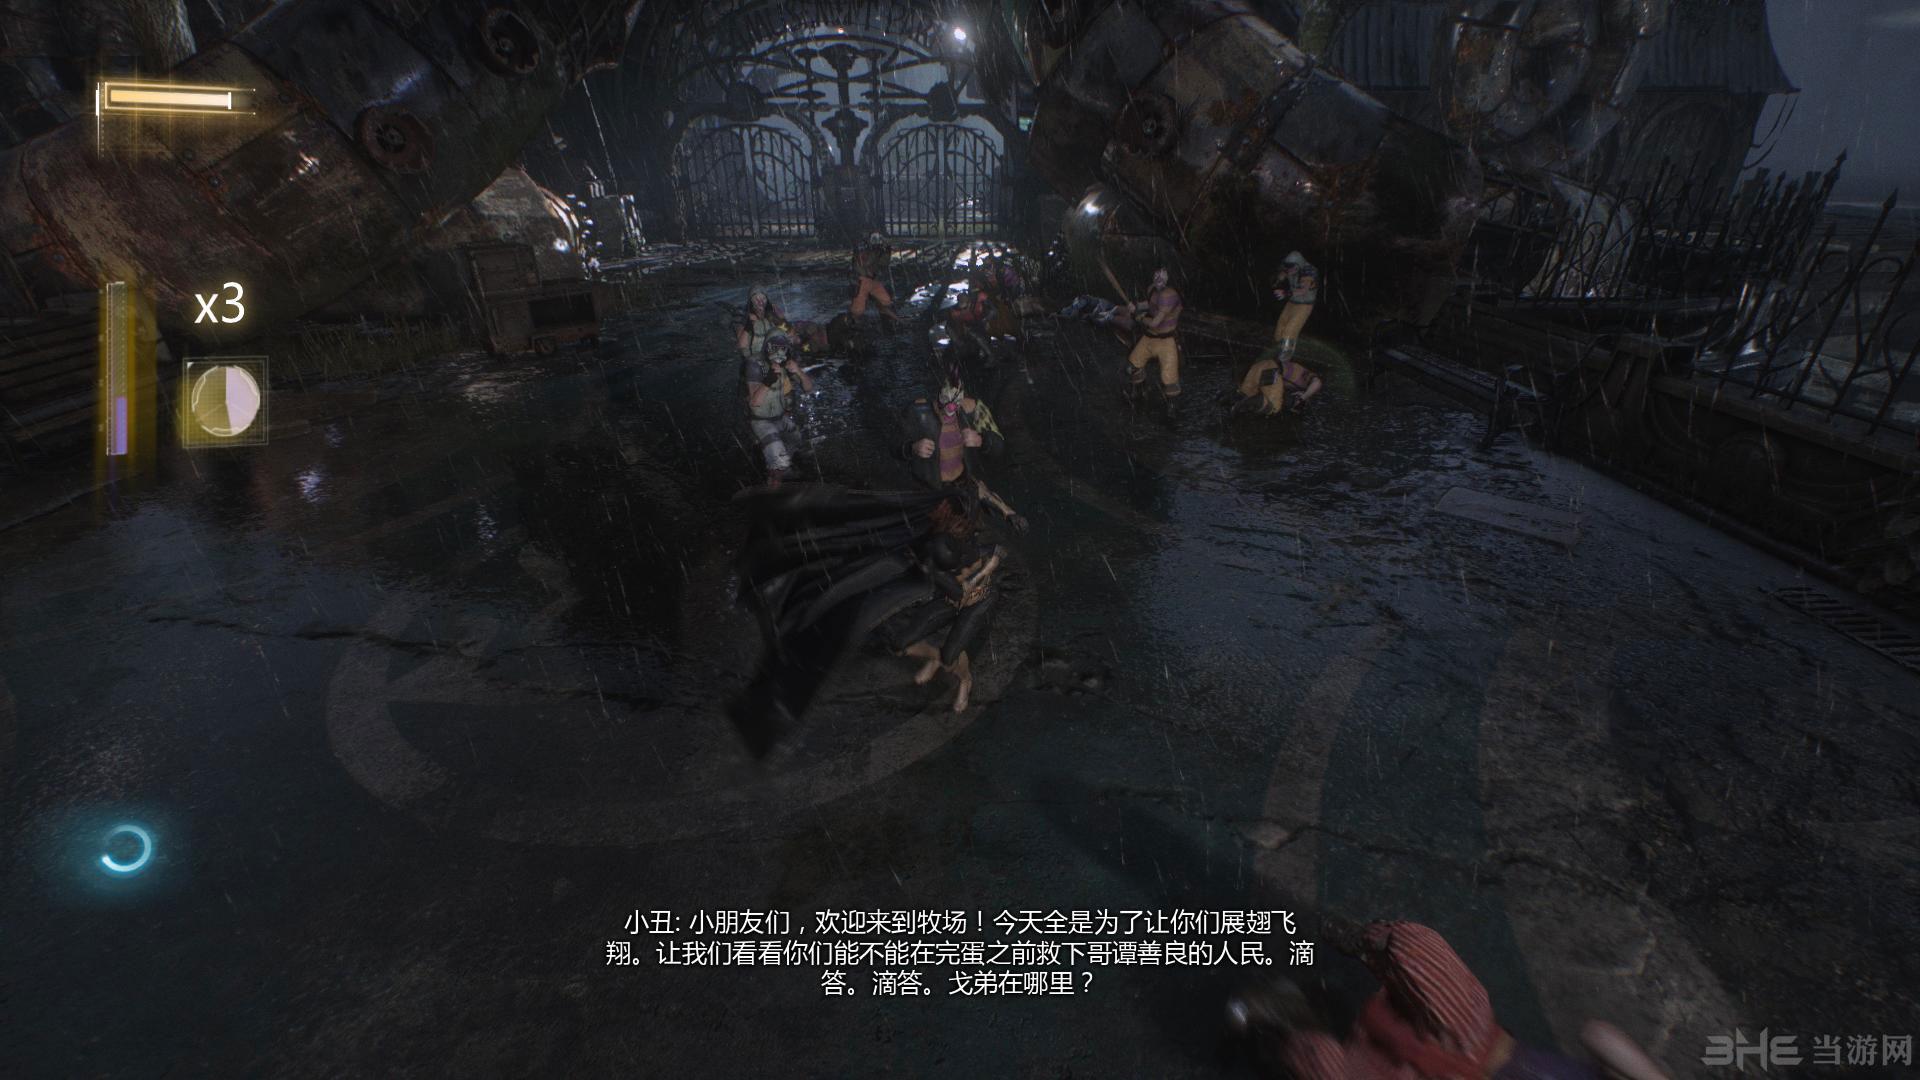 蝙蝠侠:阿甘骑士LMAO汉化组汉化补丁截图1